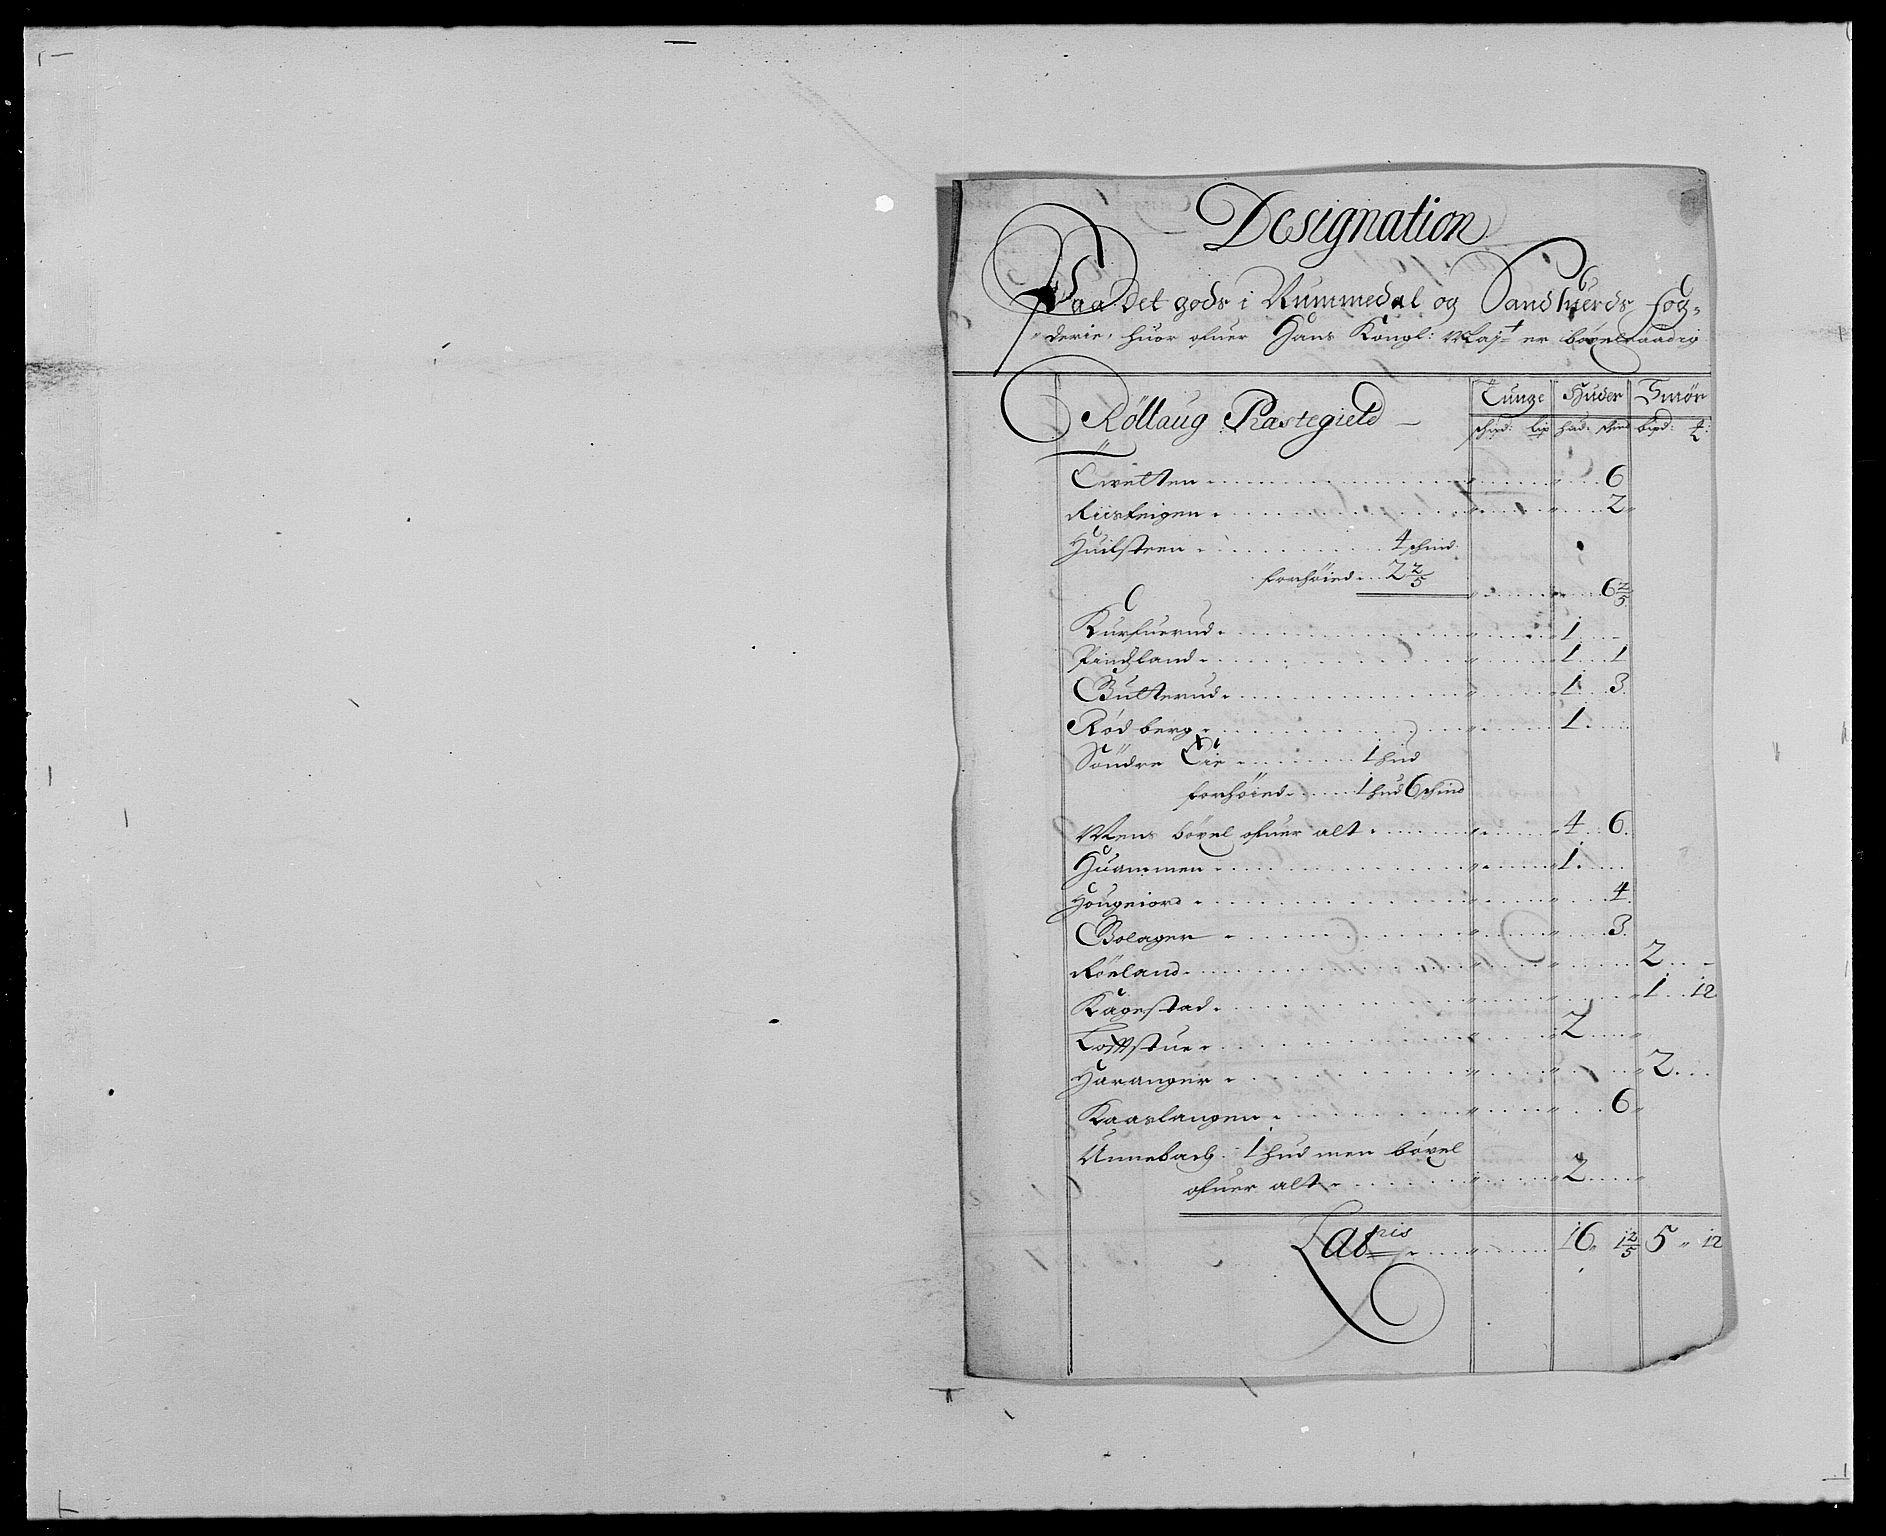 RA, Rentekammeret inntil 1814, Reviderte regnskaper, Fogderegnskap, R24/L1573: Fogderegnskap Numedal og Sandsvær, 1687-1691, s. 26